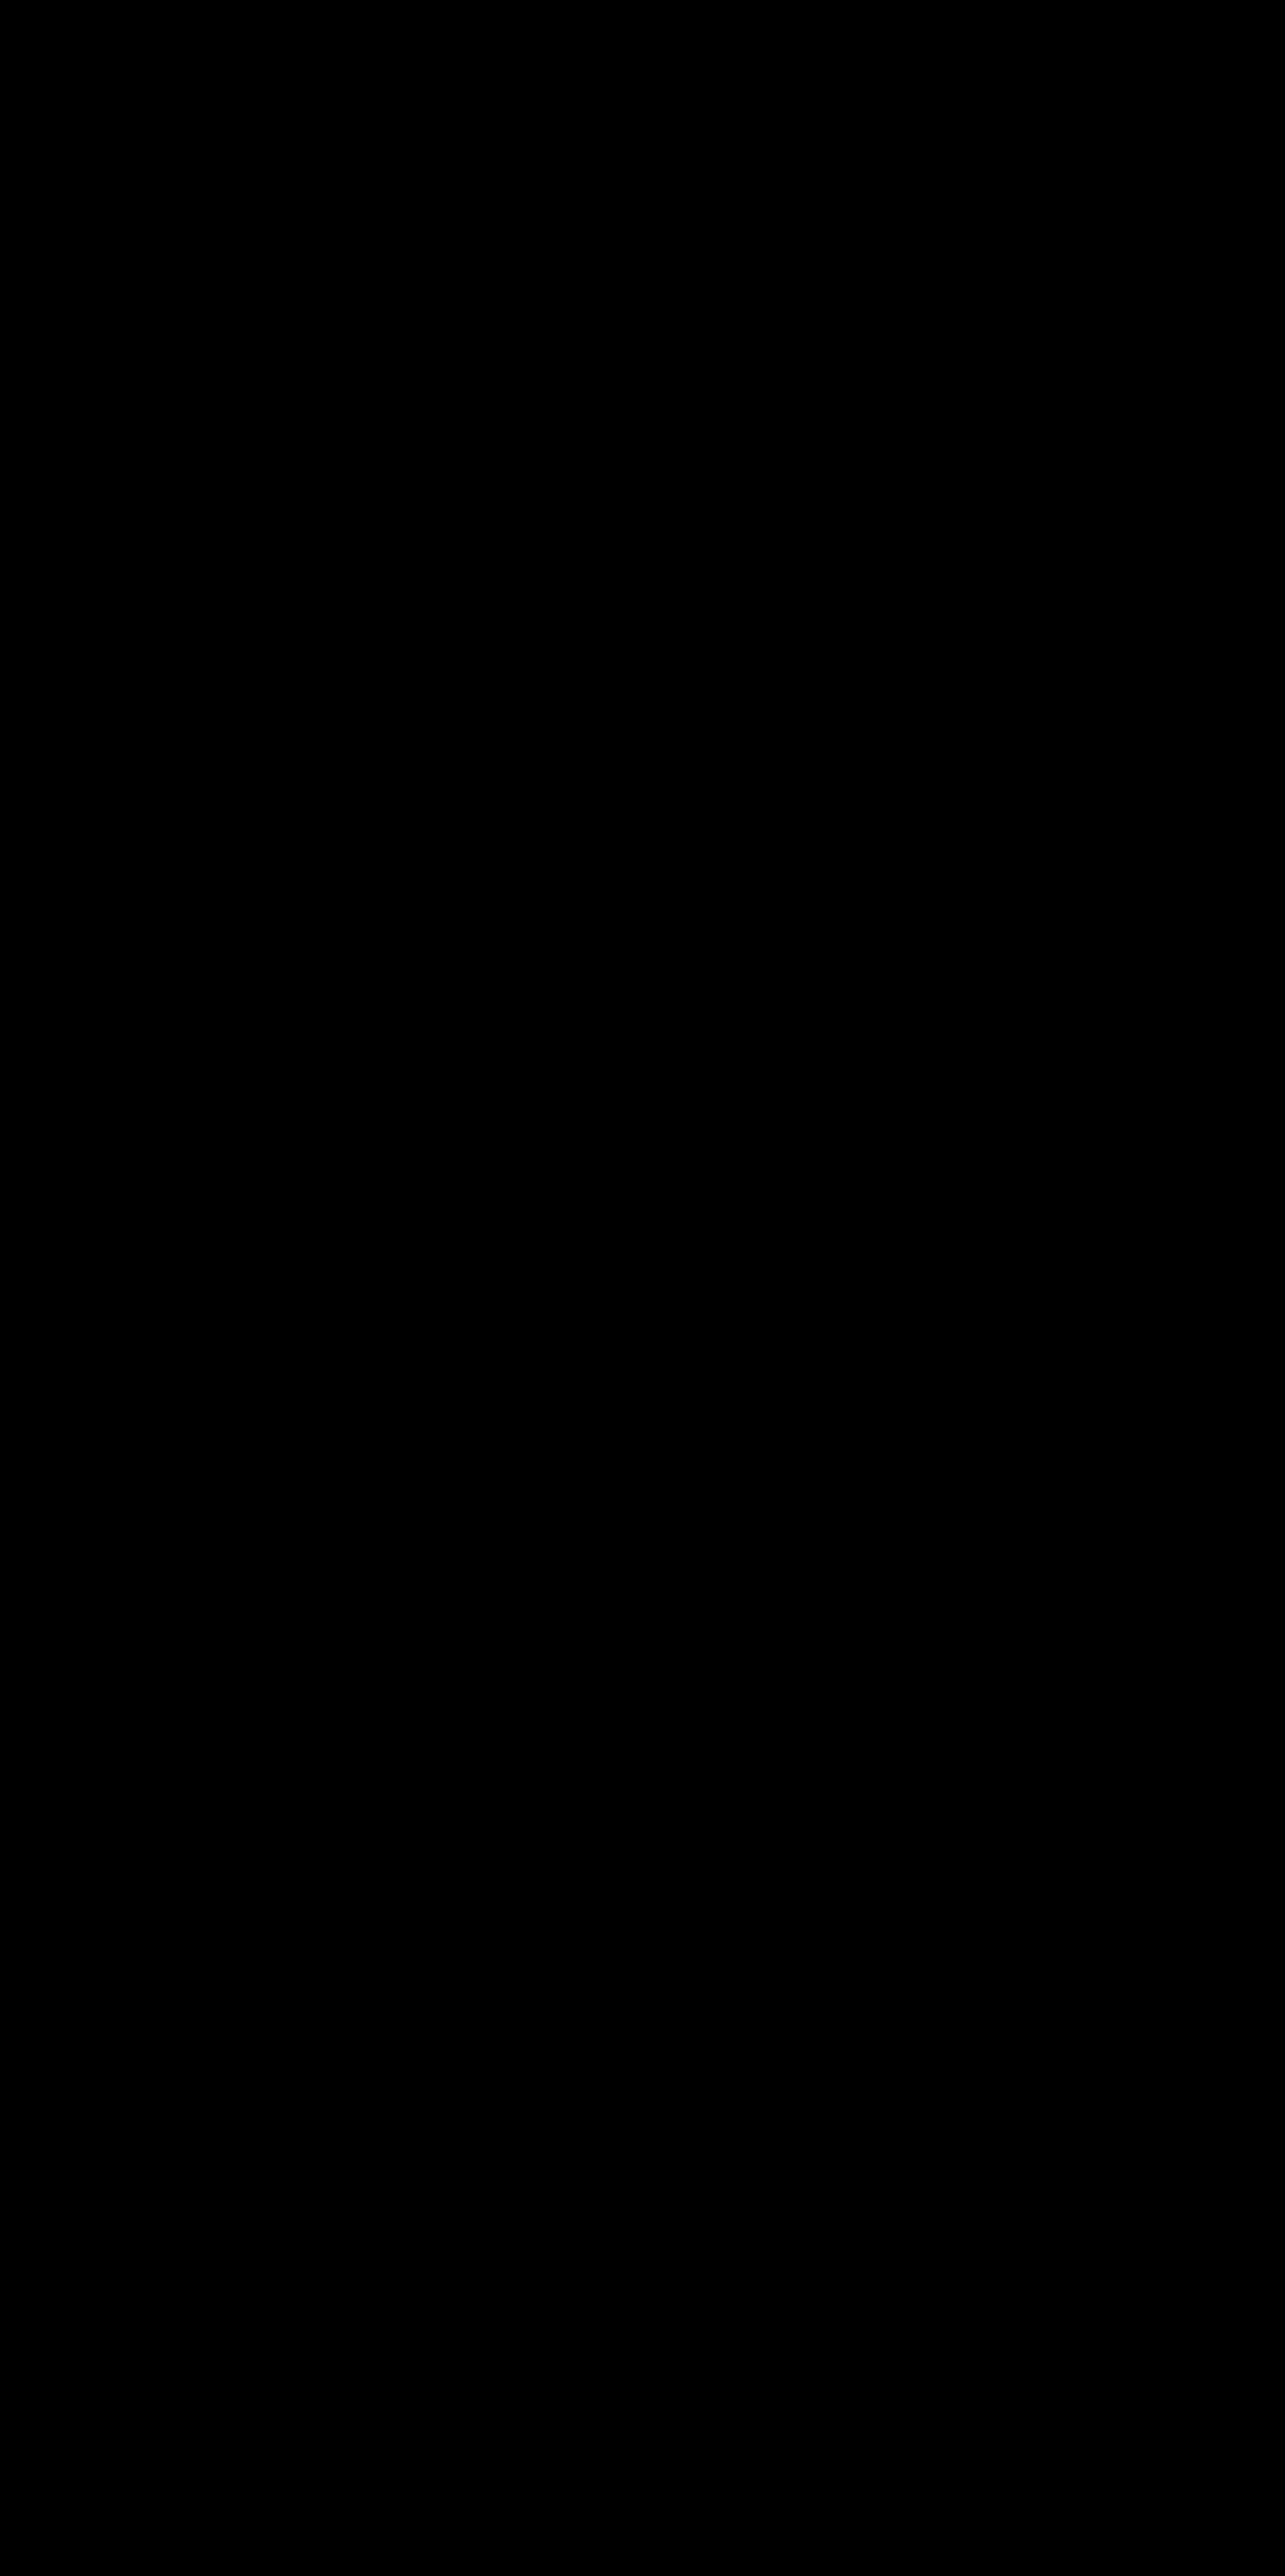 HUILE D'OLIVE SAVEUR TRUFFE NOIRE 20CL